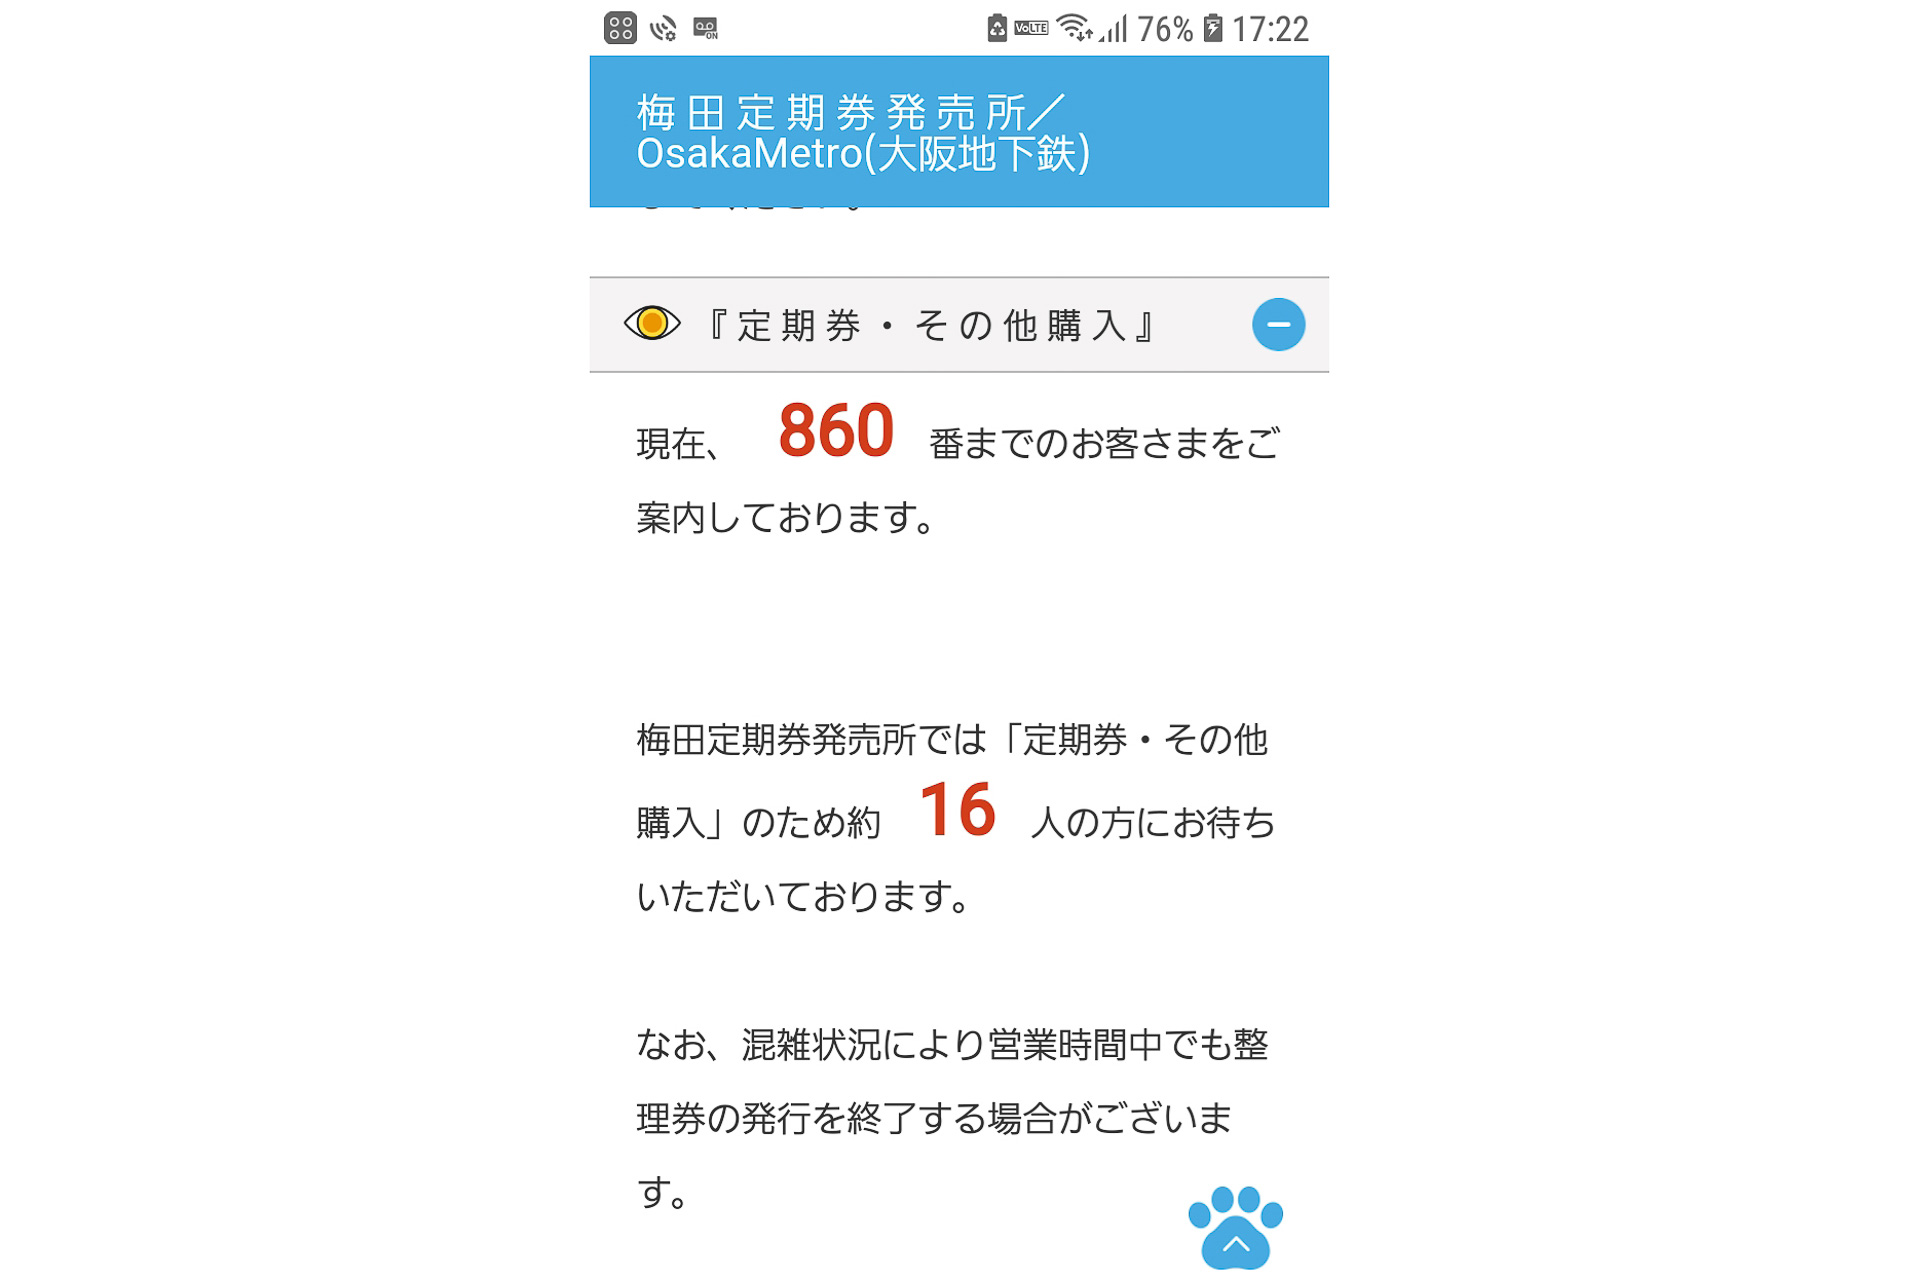 売り場 定期 大阪 メトロ 券 きっぷ・定期券 >